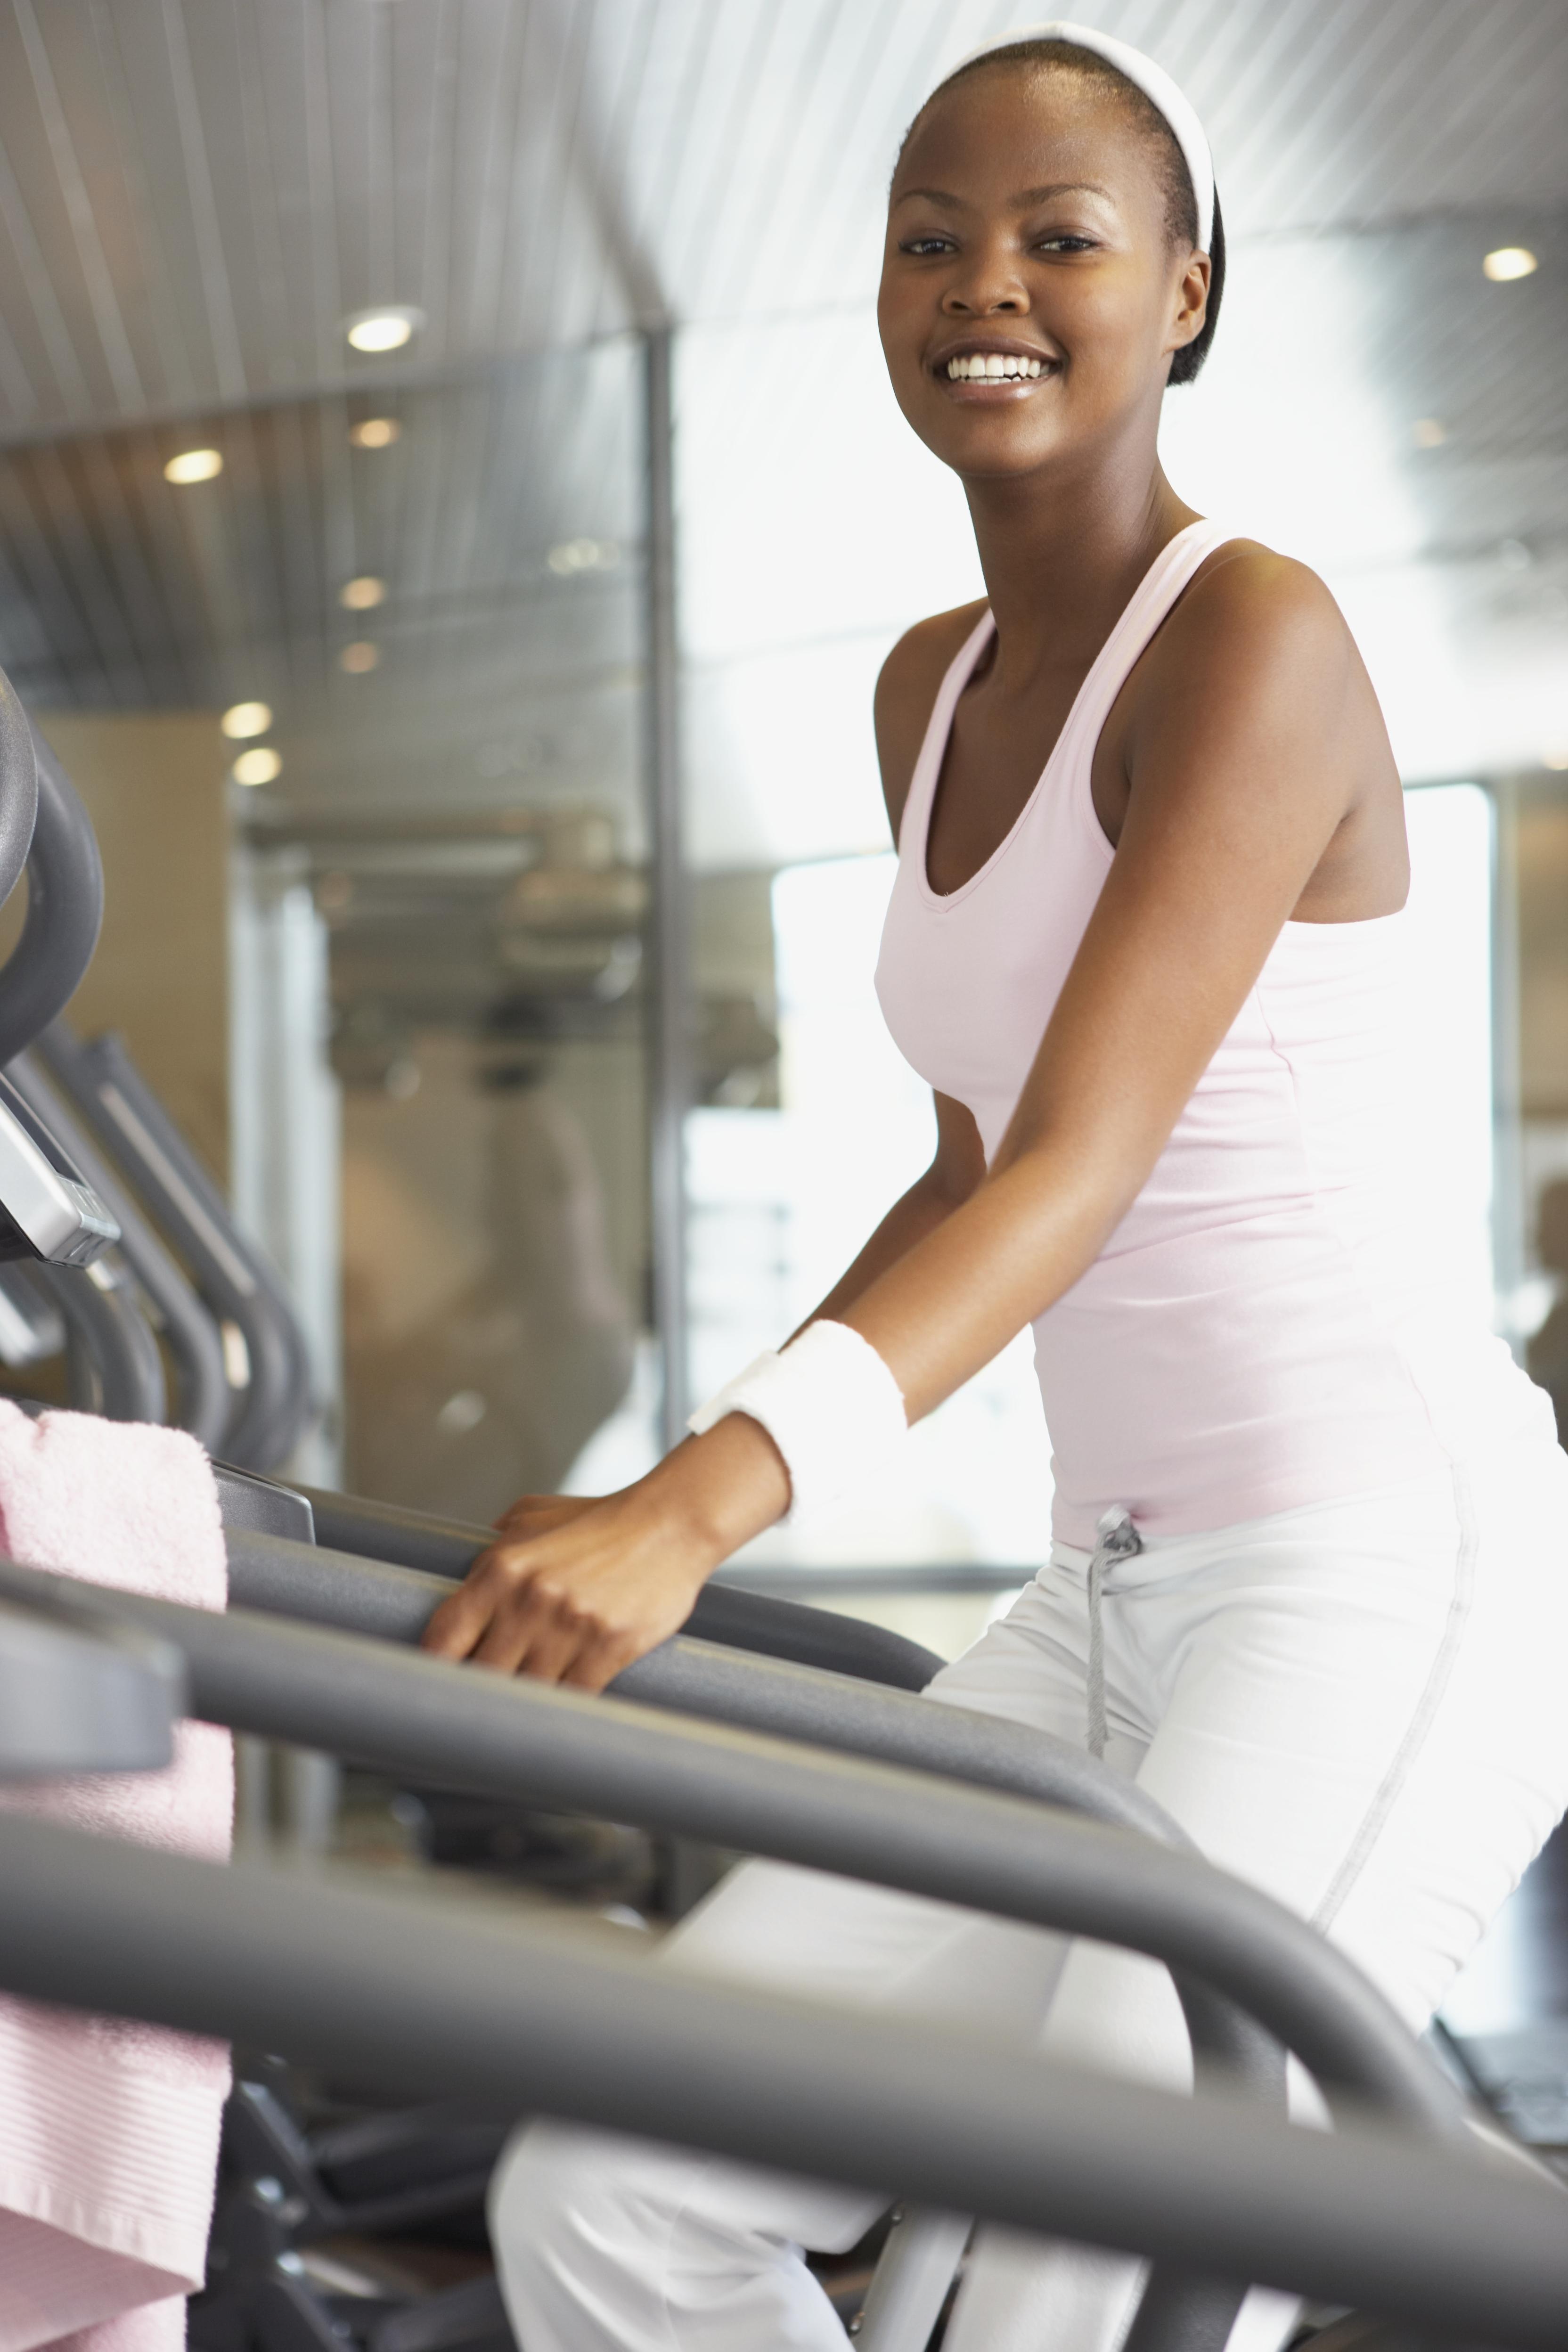 можно похудеть от занятий йогой